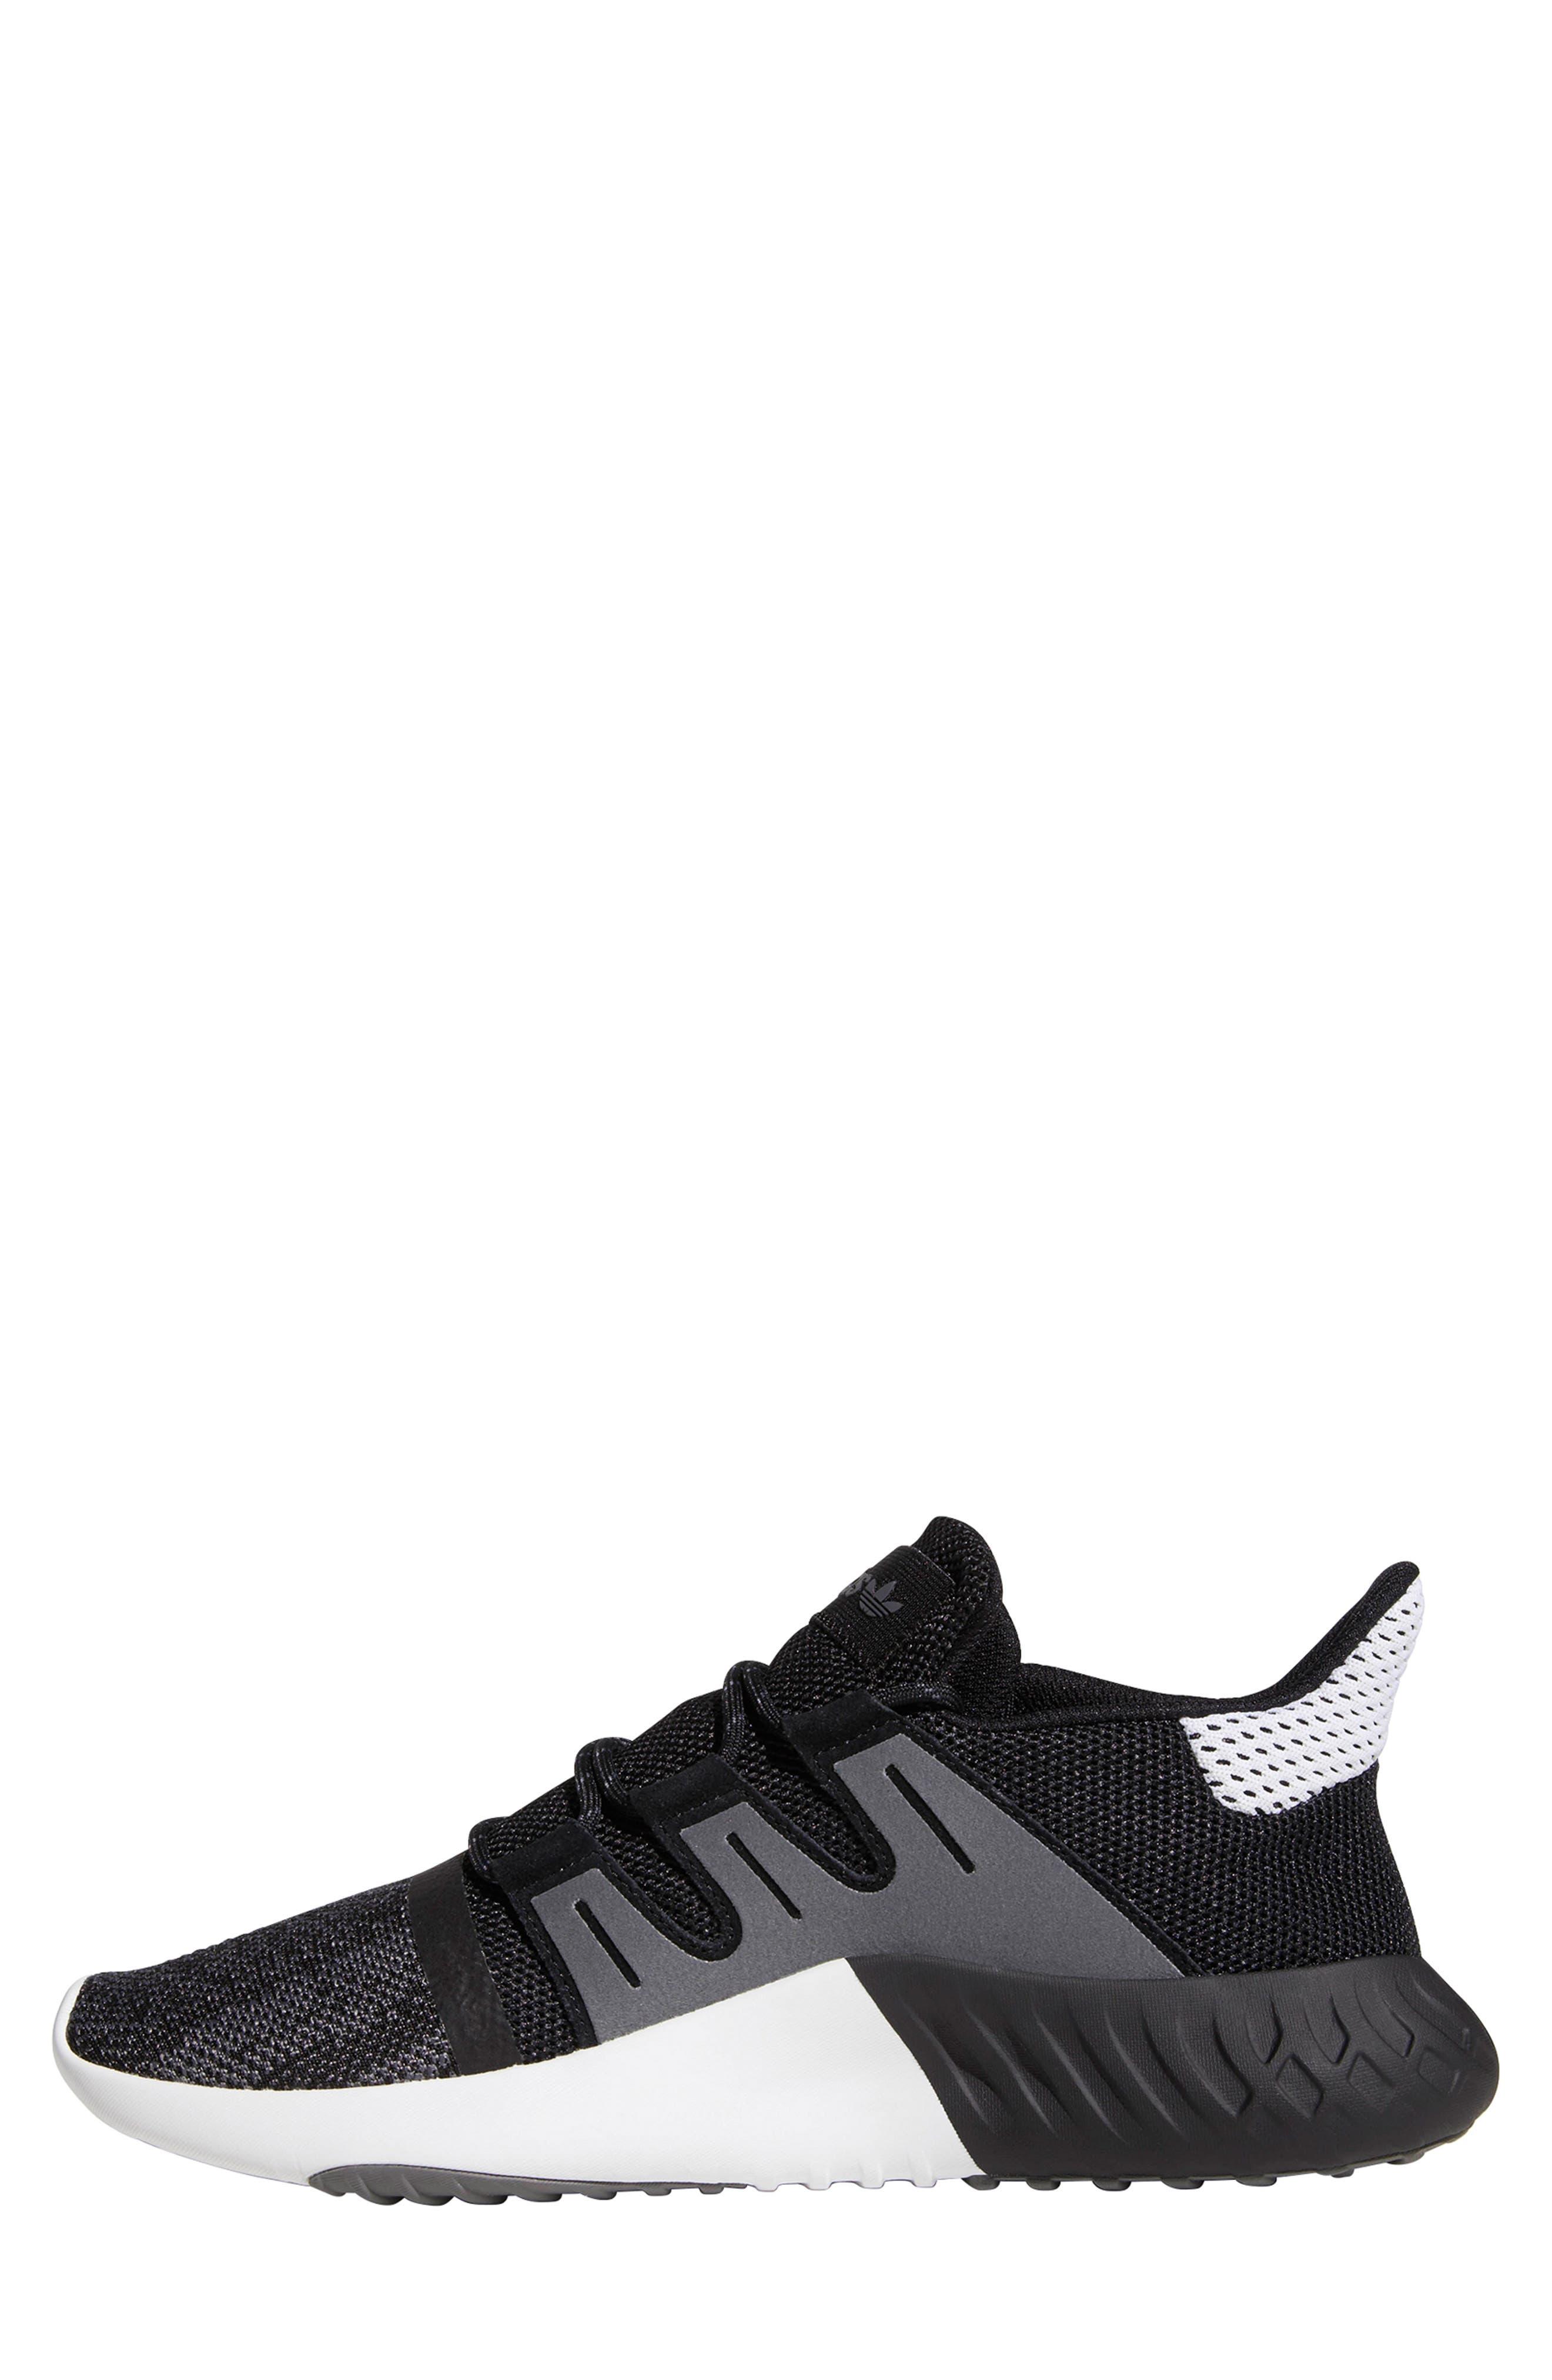 Tubular Dusk Primeknit Sneaker,                             Alternate thumbnail 8, color,                             WHITE/ BLACK/ GREY